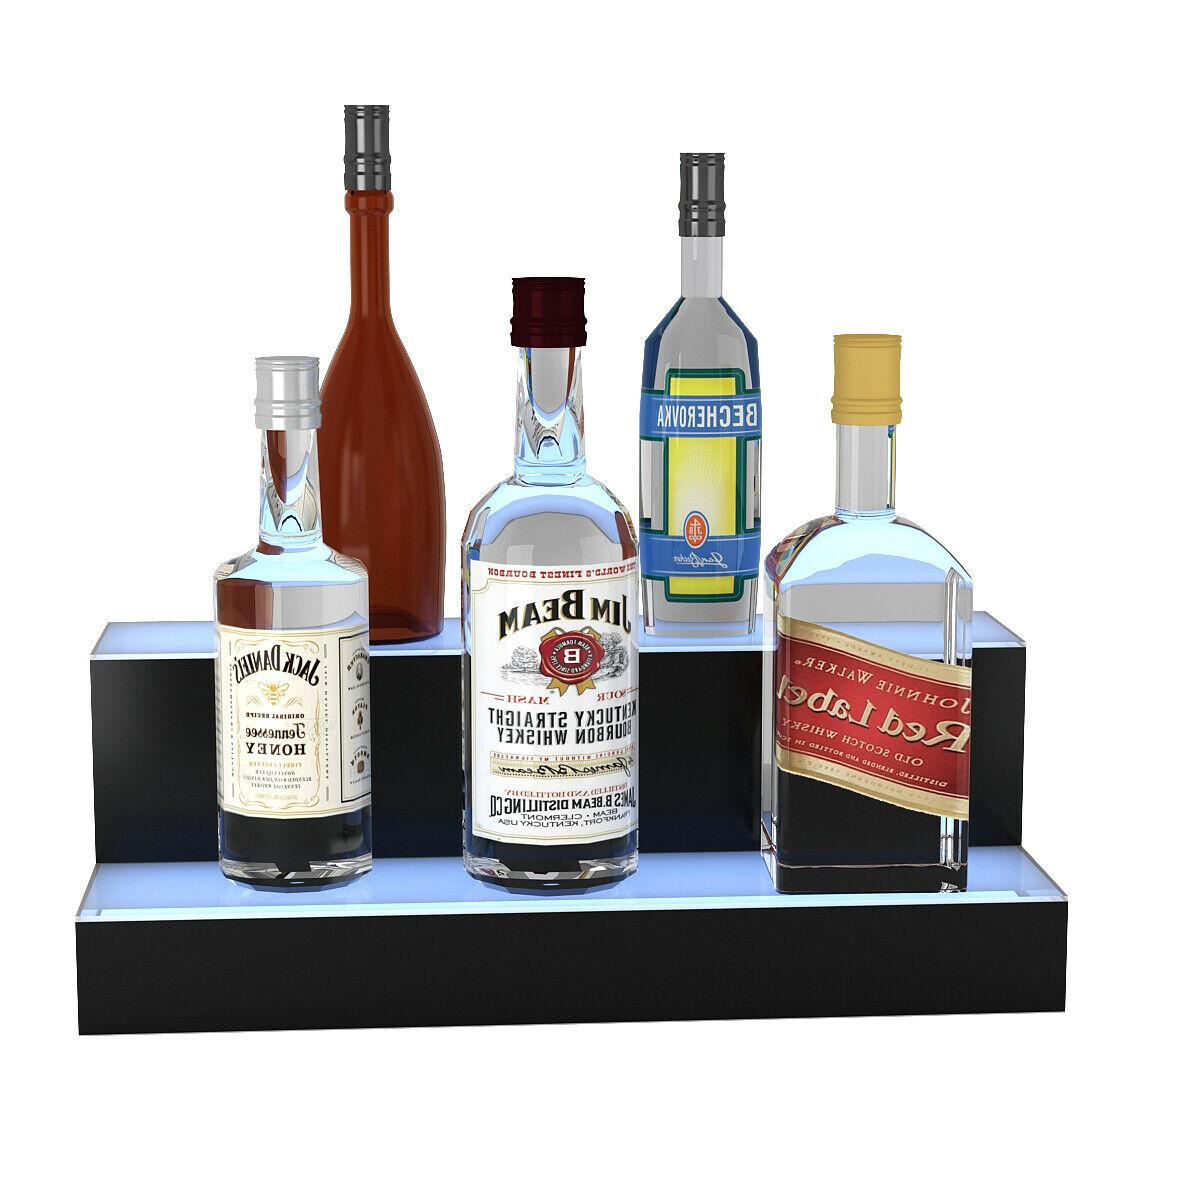 2 Step LED Lighted Liquor Bottle Display Shelf